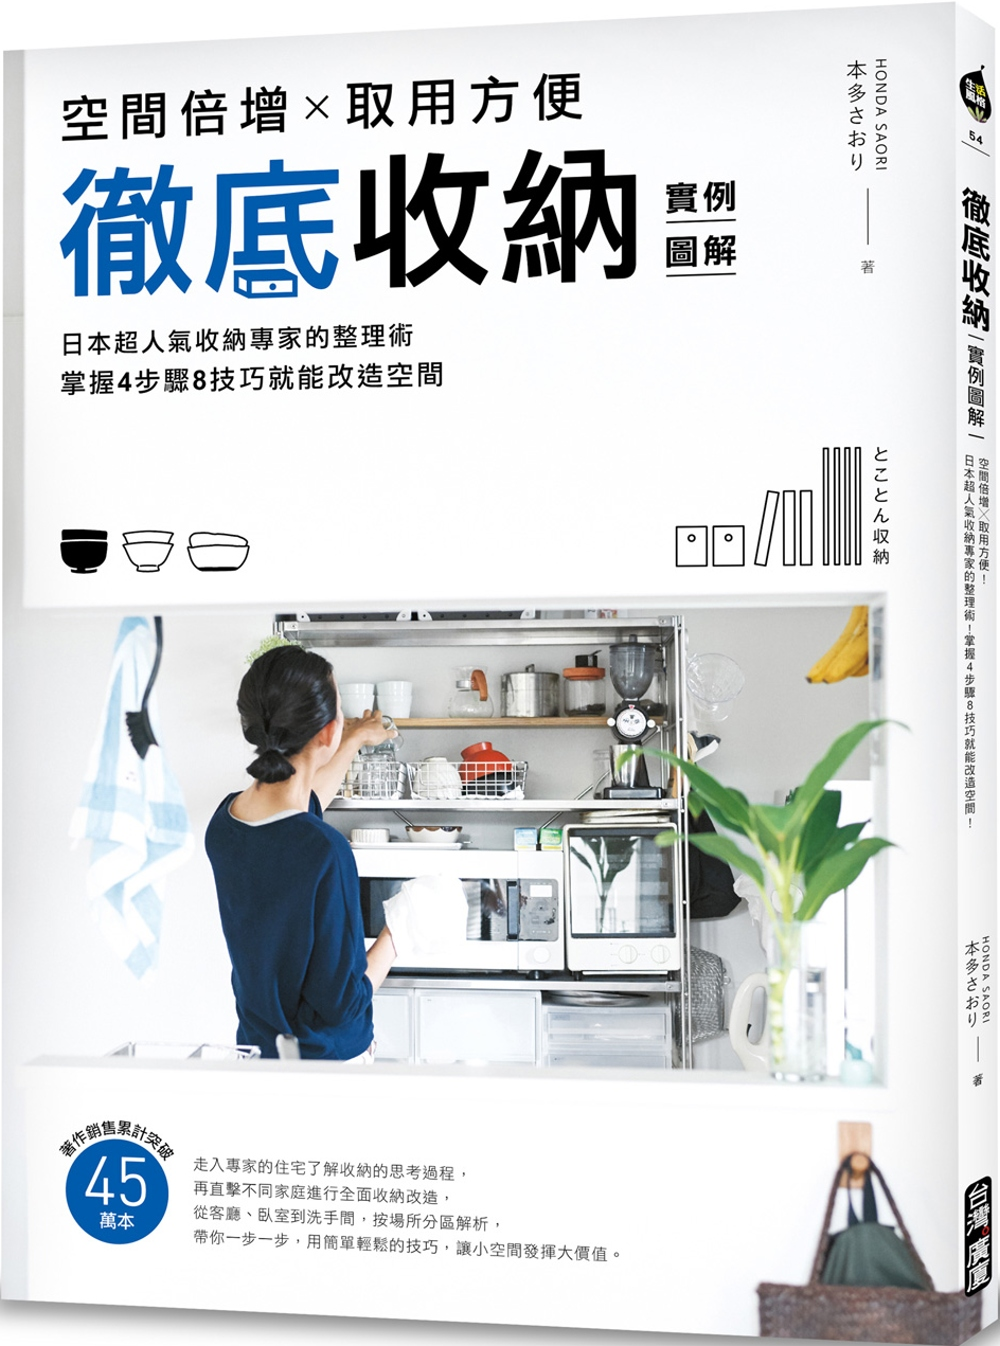 徹底收納【實例圖解】:空間倍增X取用方便!日本超人氣收納專家的整理術!掌握4步驟8技巧就能改造空間!